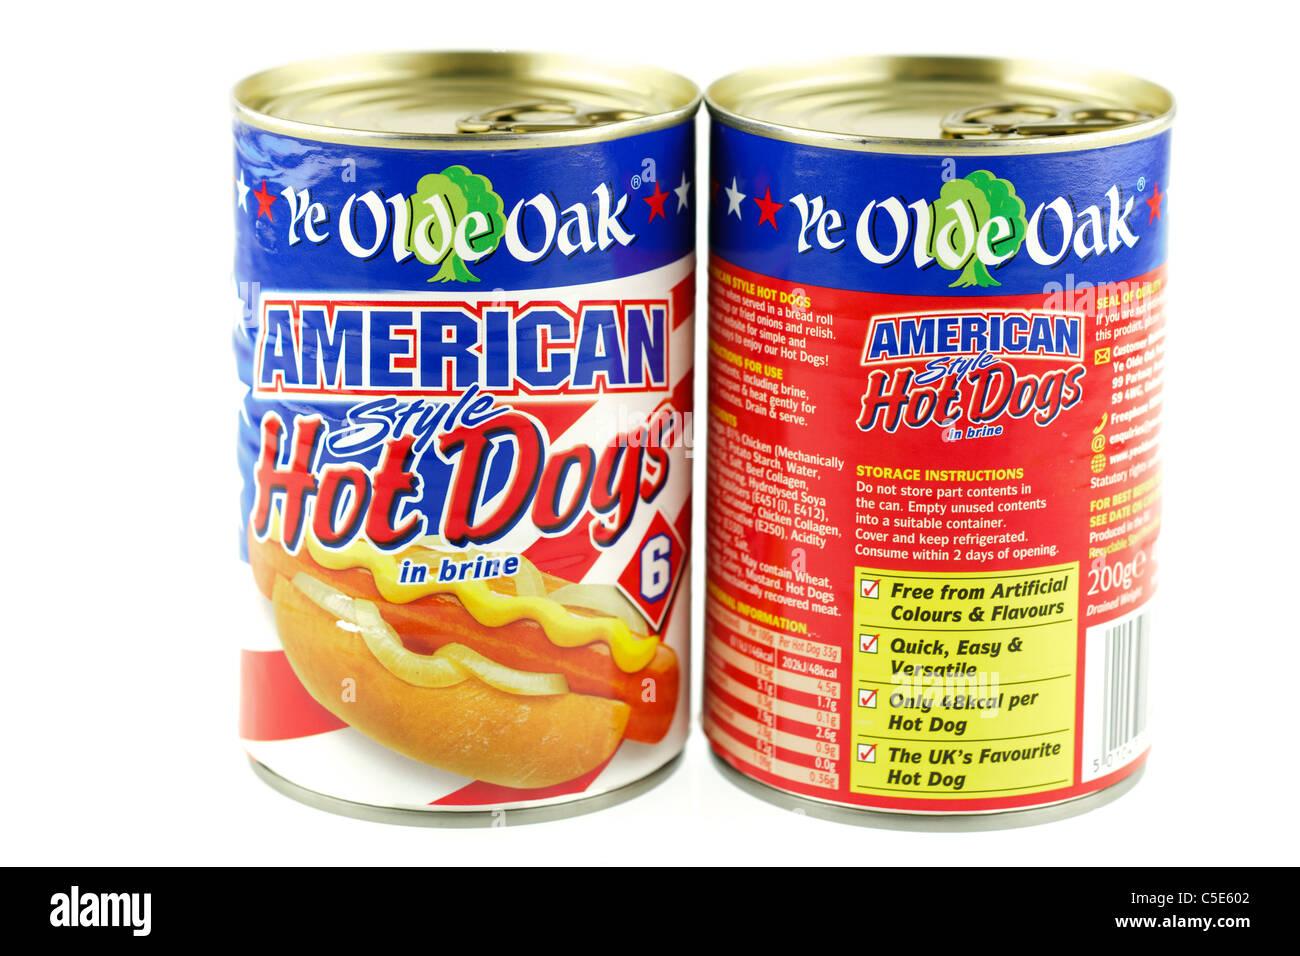 Ye Olde Oak Hot Dogs